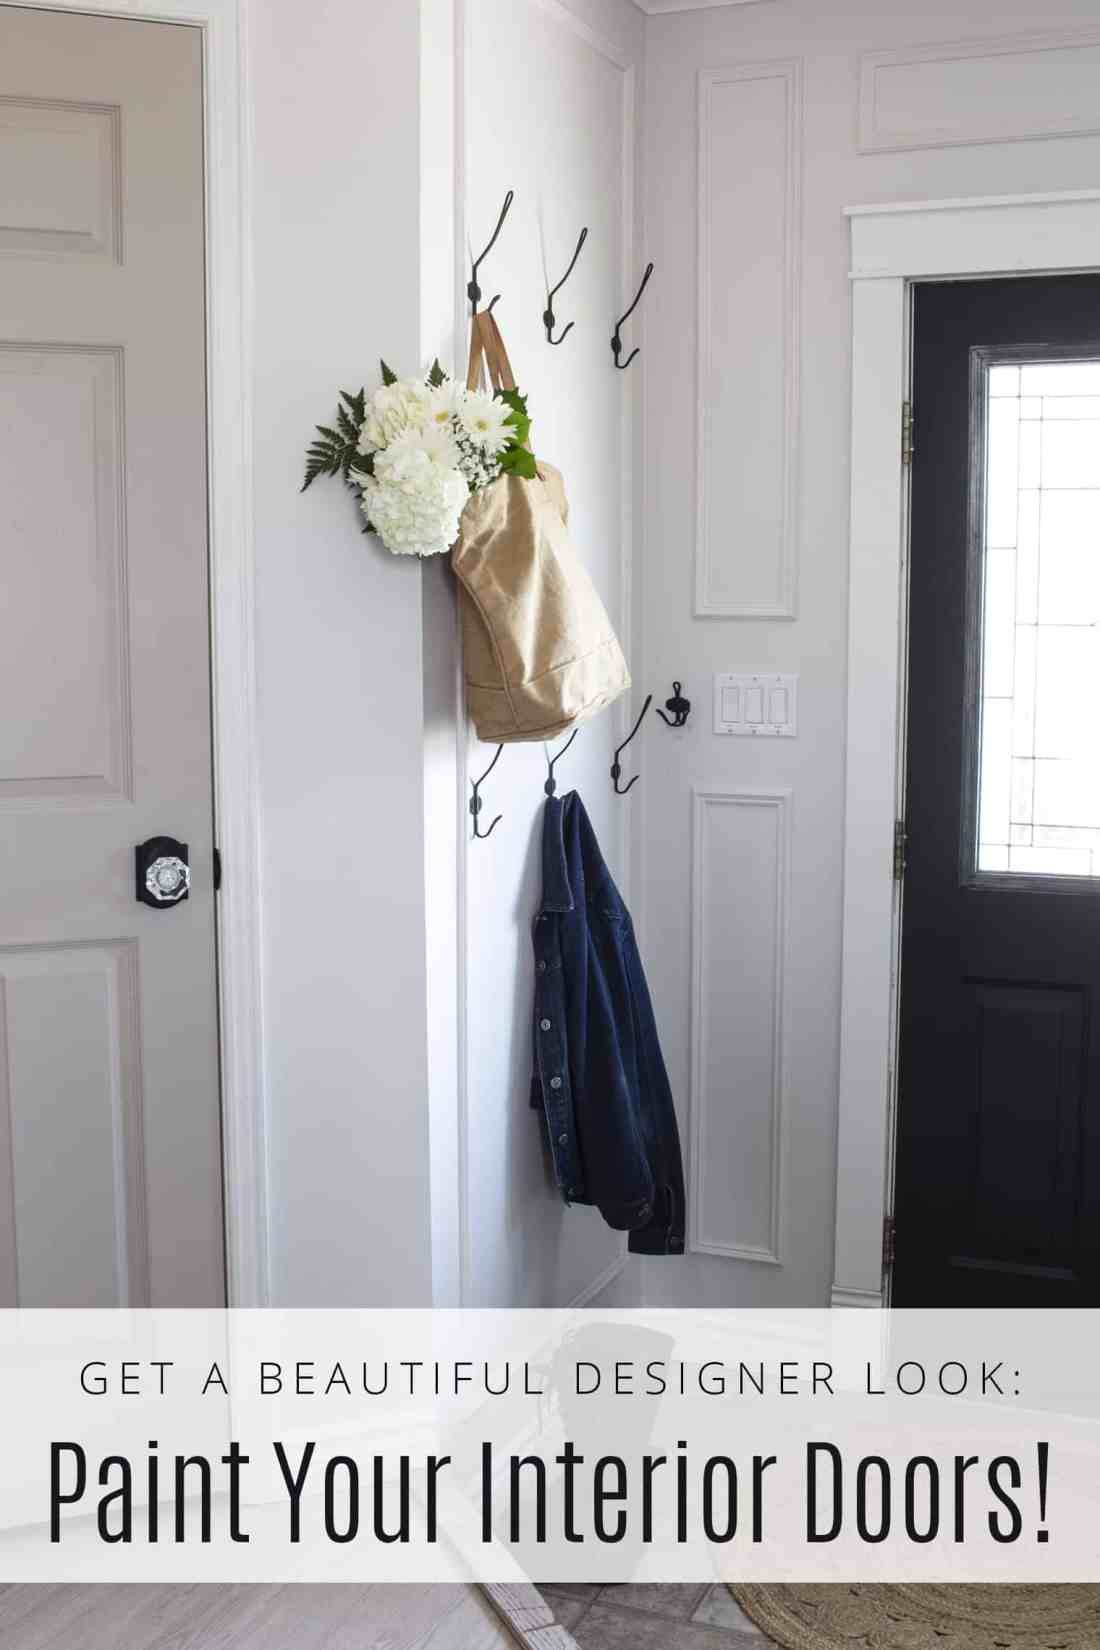 Paint Interior Doors